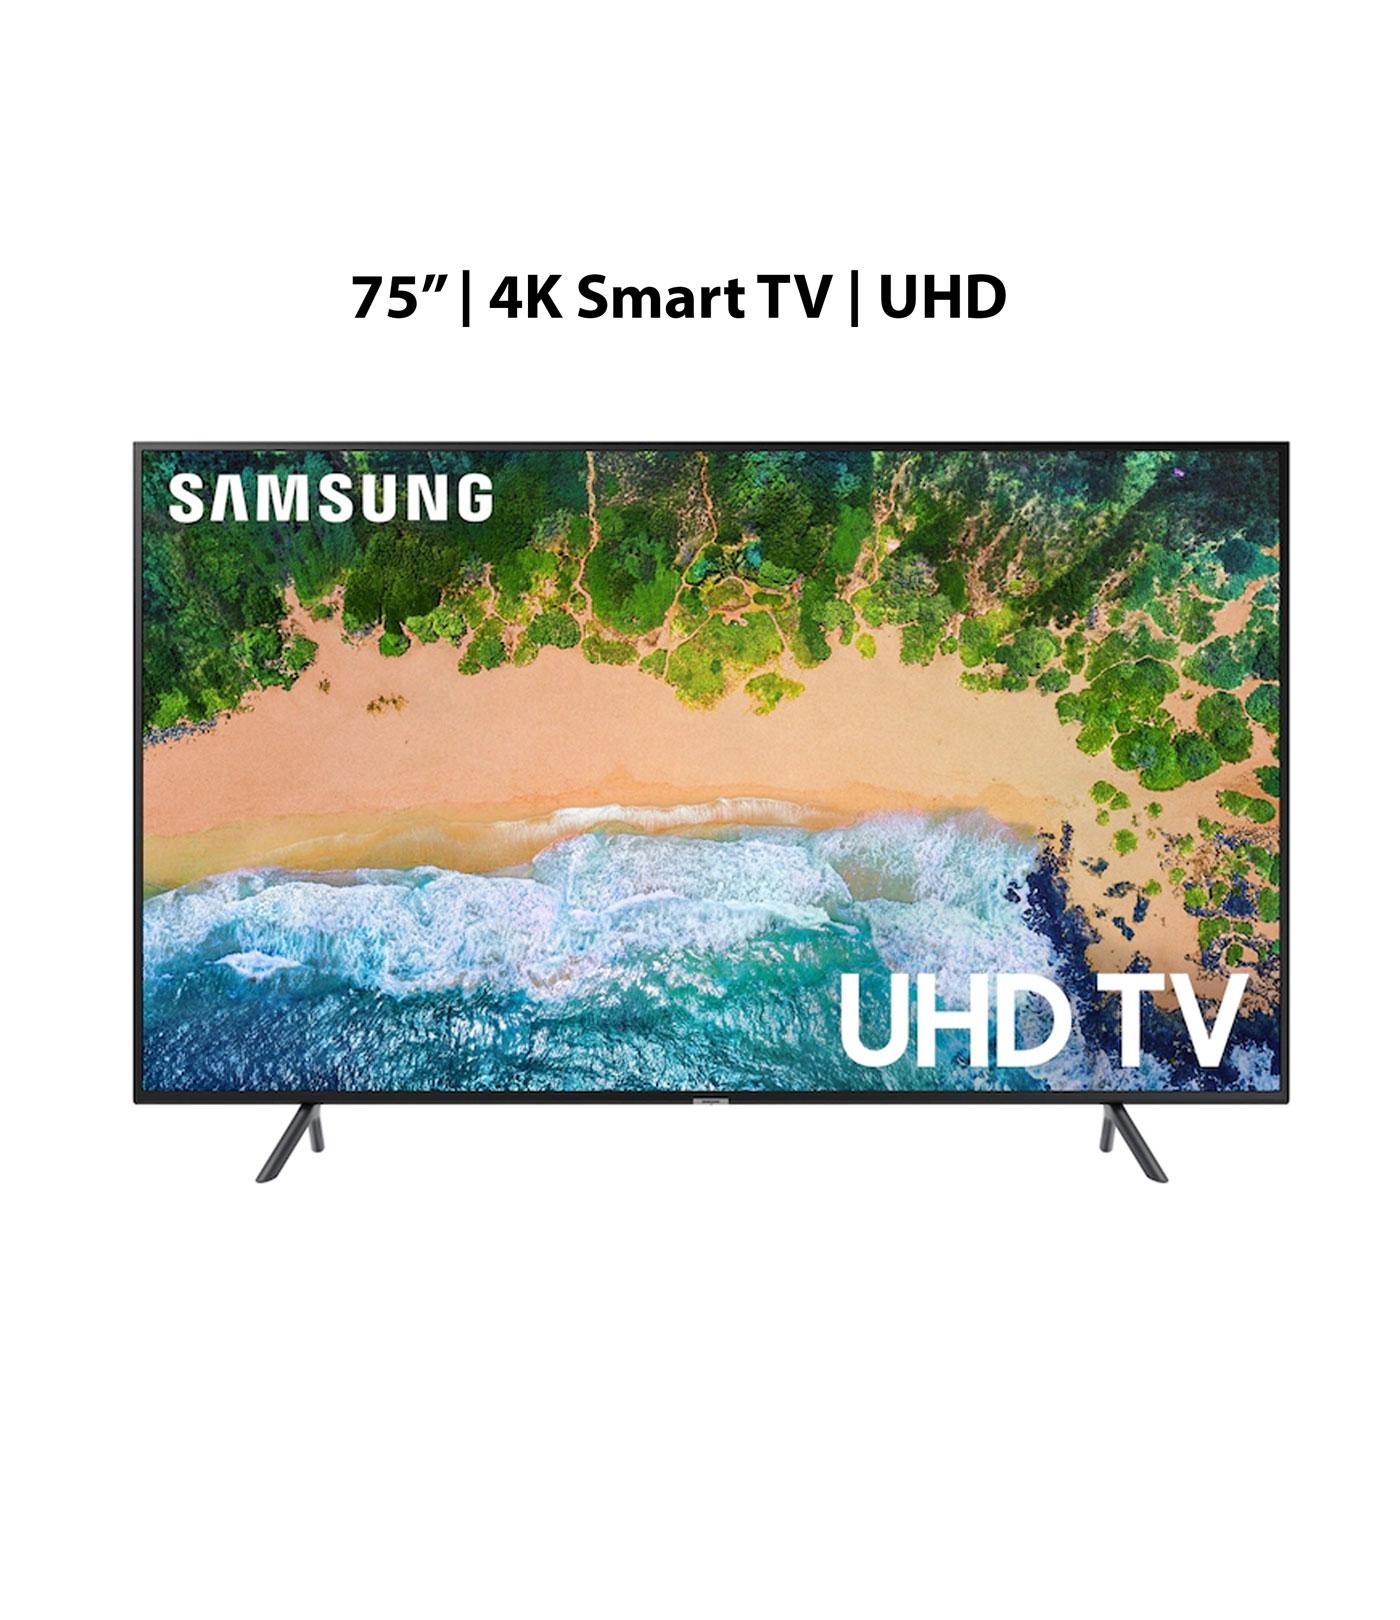 Samsung UN75NU6080FXZA